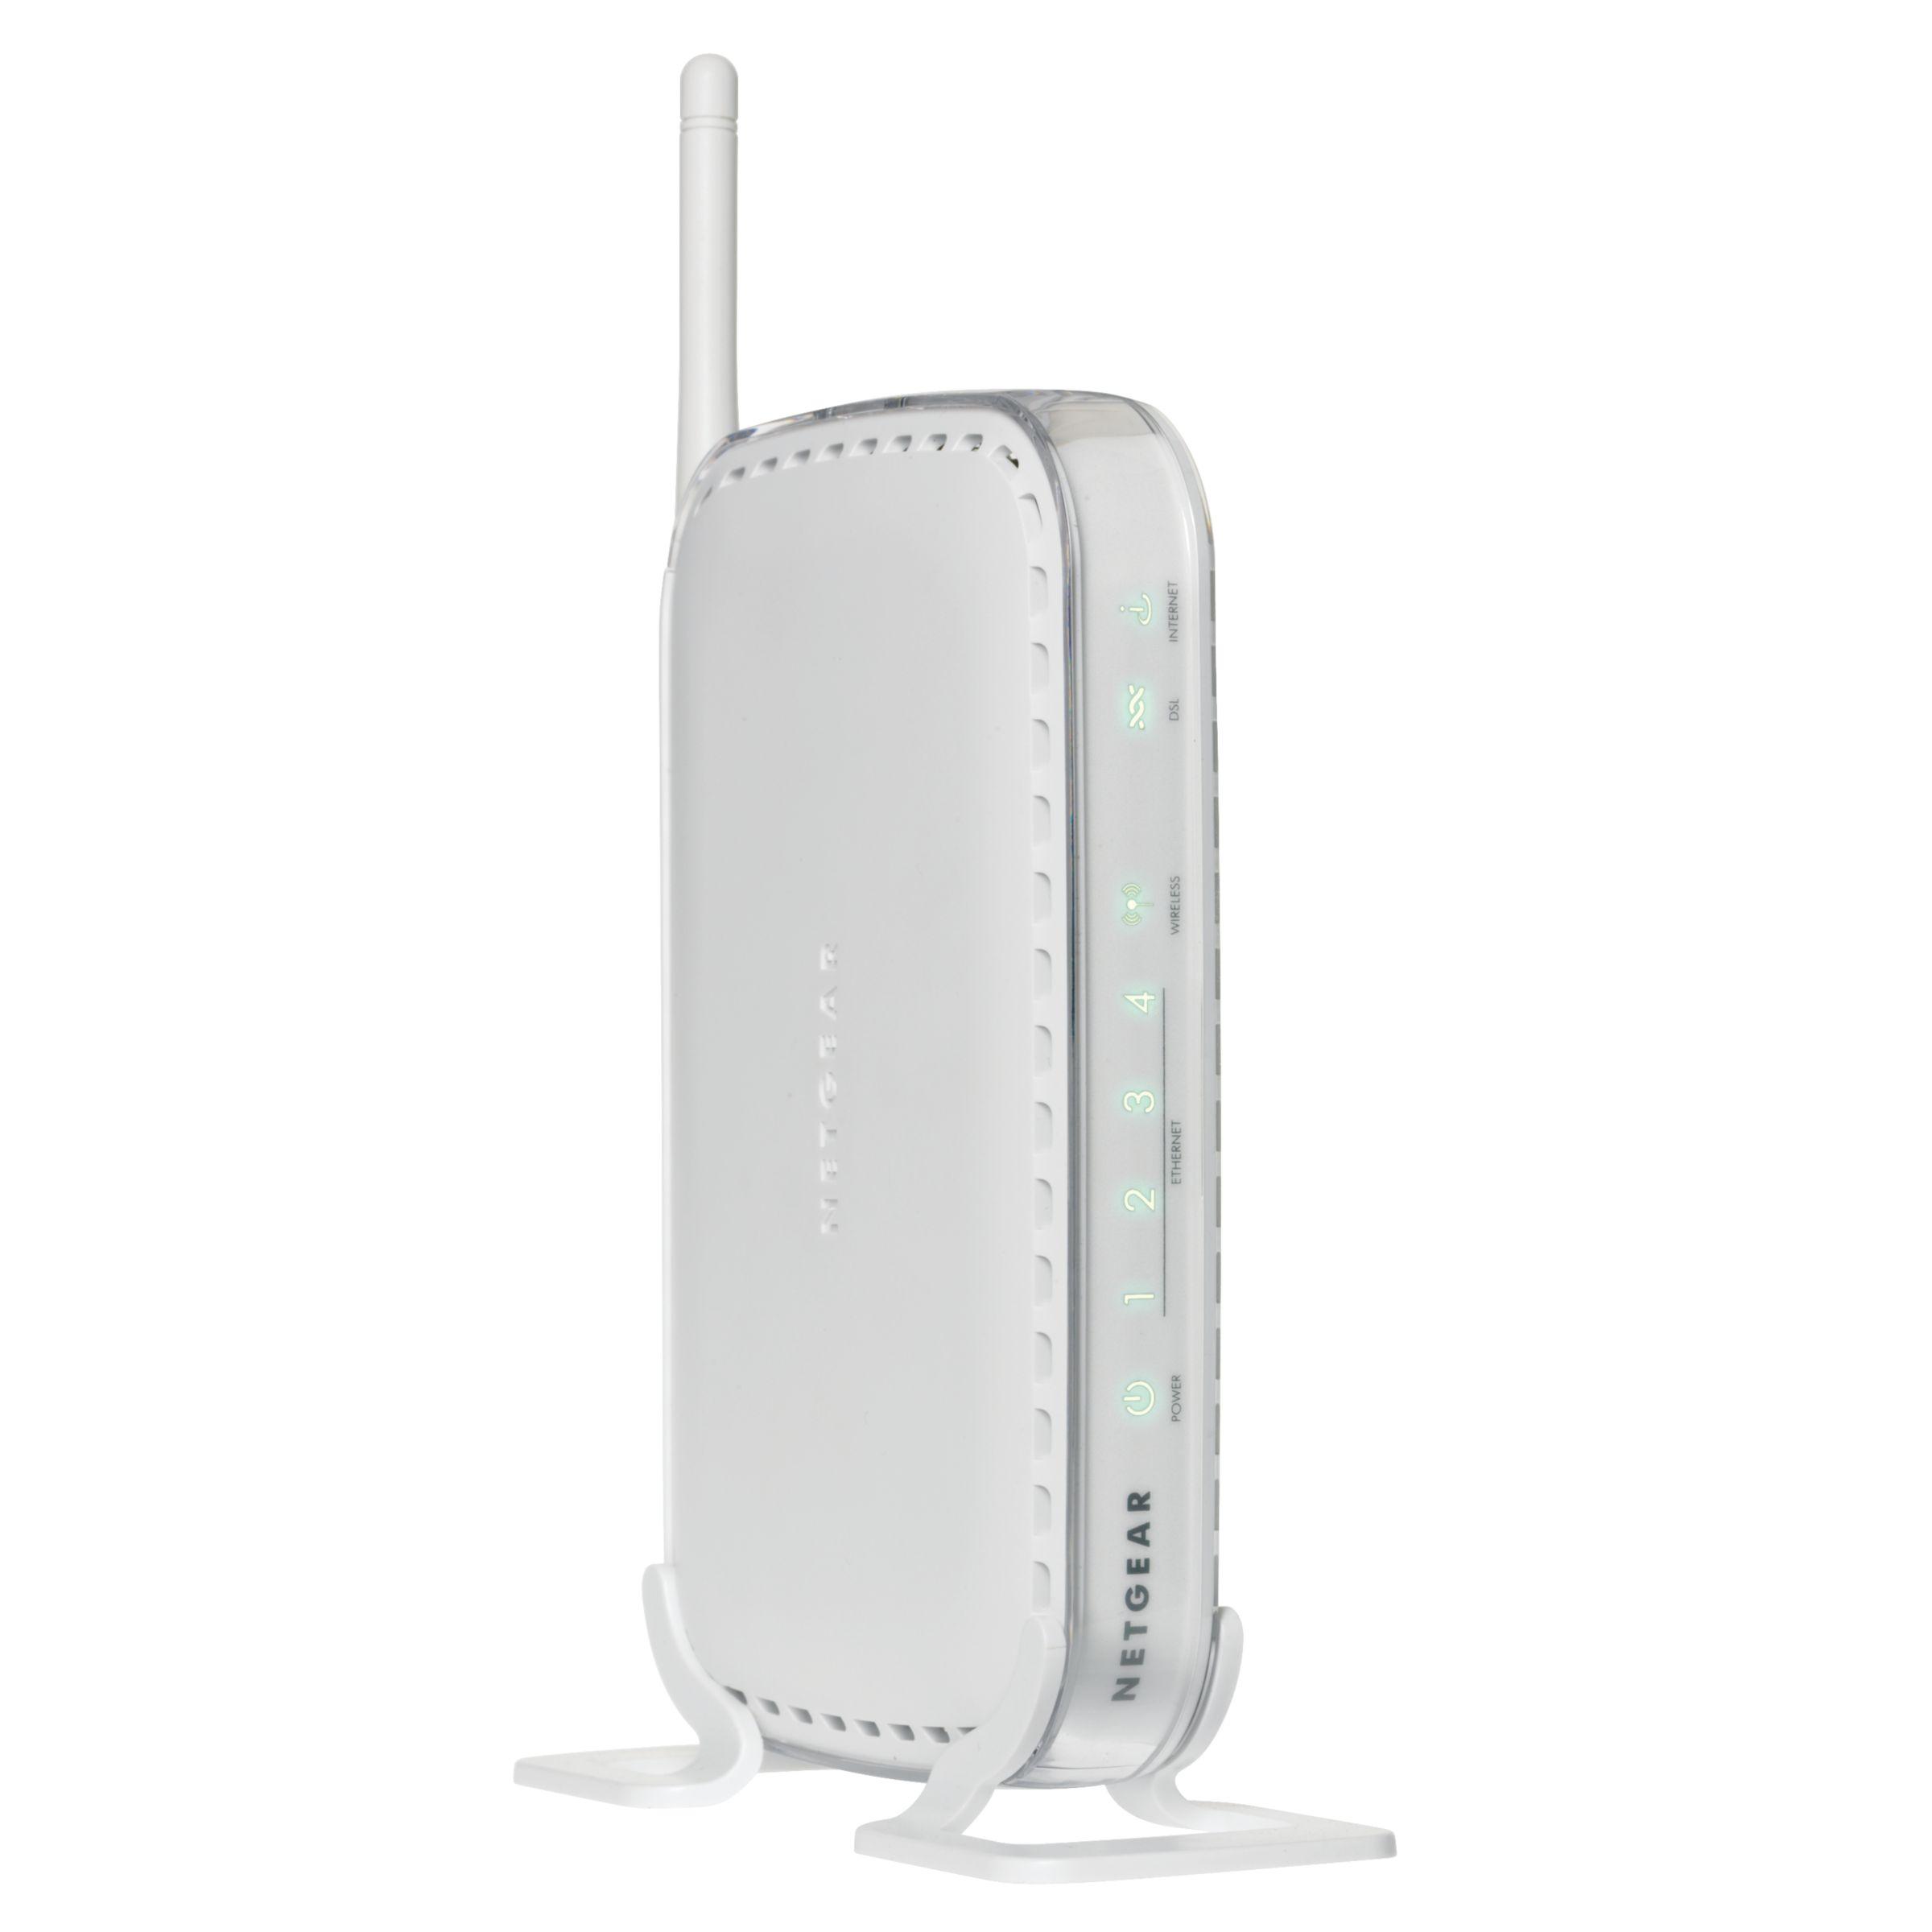 إبدأ إحتراف التعامل مع أجهزة الإنترنت المنزلية (راوتر/مودم usb/أكسس بوينت) : http://www.absba.org/showthread.php?t=933391#ixzz1XPh2yTtX 230588382?$product$